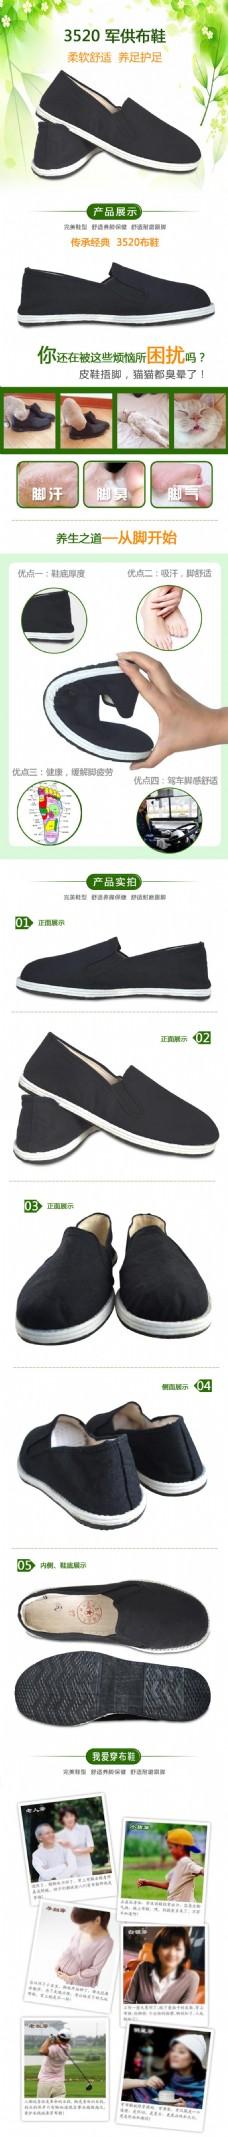 布鞋淘宝详情页